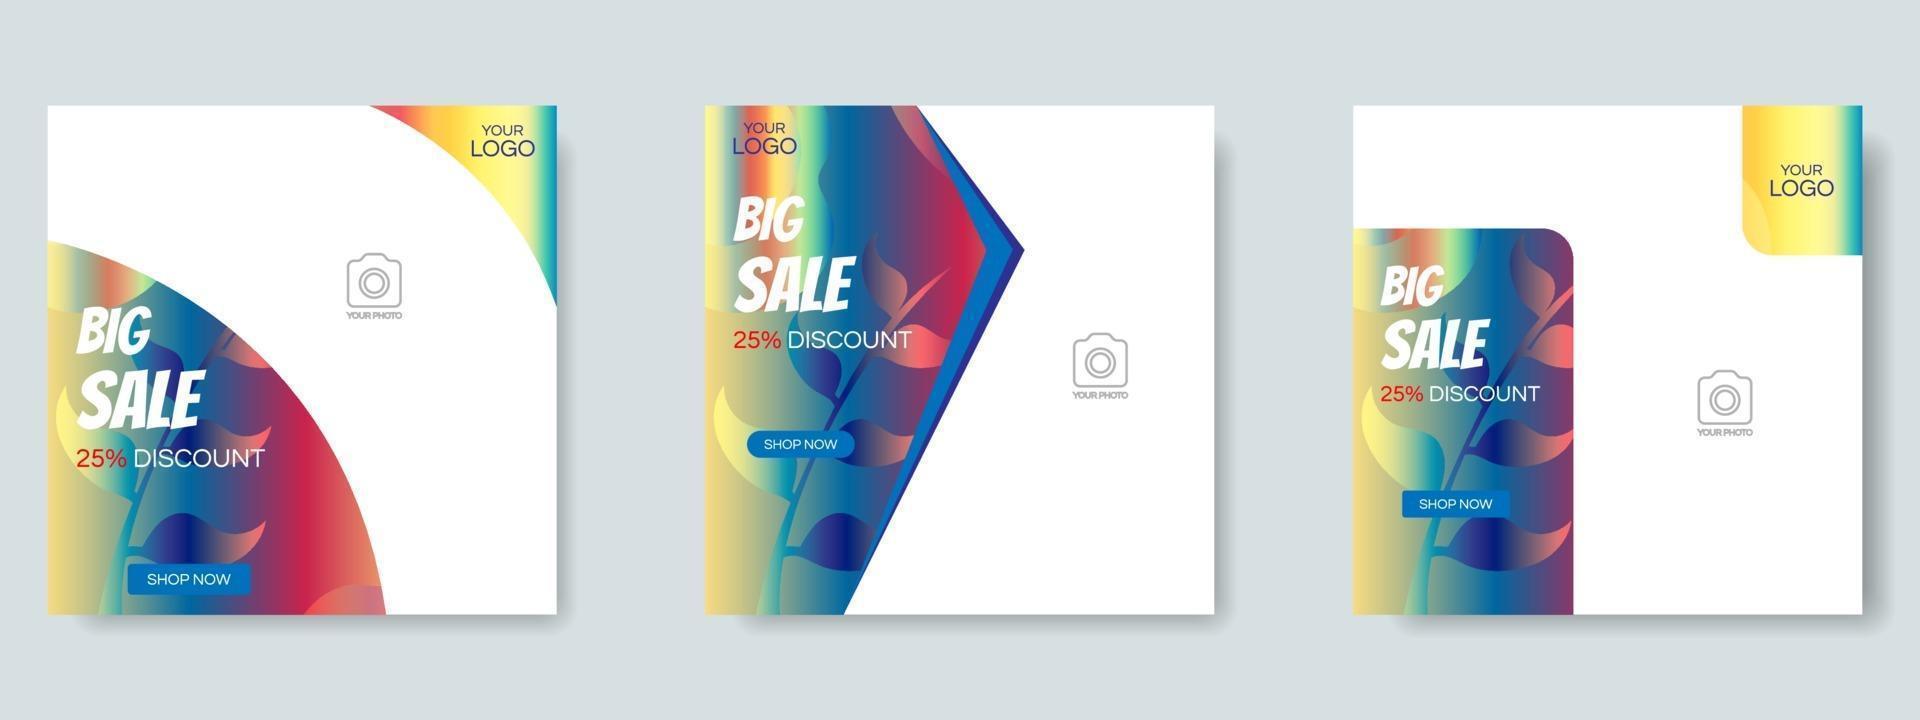 mode försäljning sociala medier post designmall. webb banner vektor